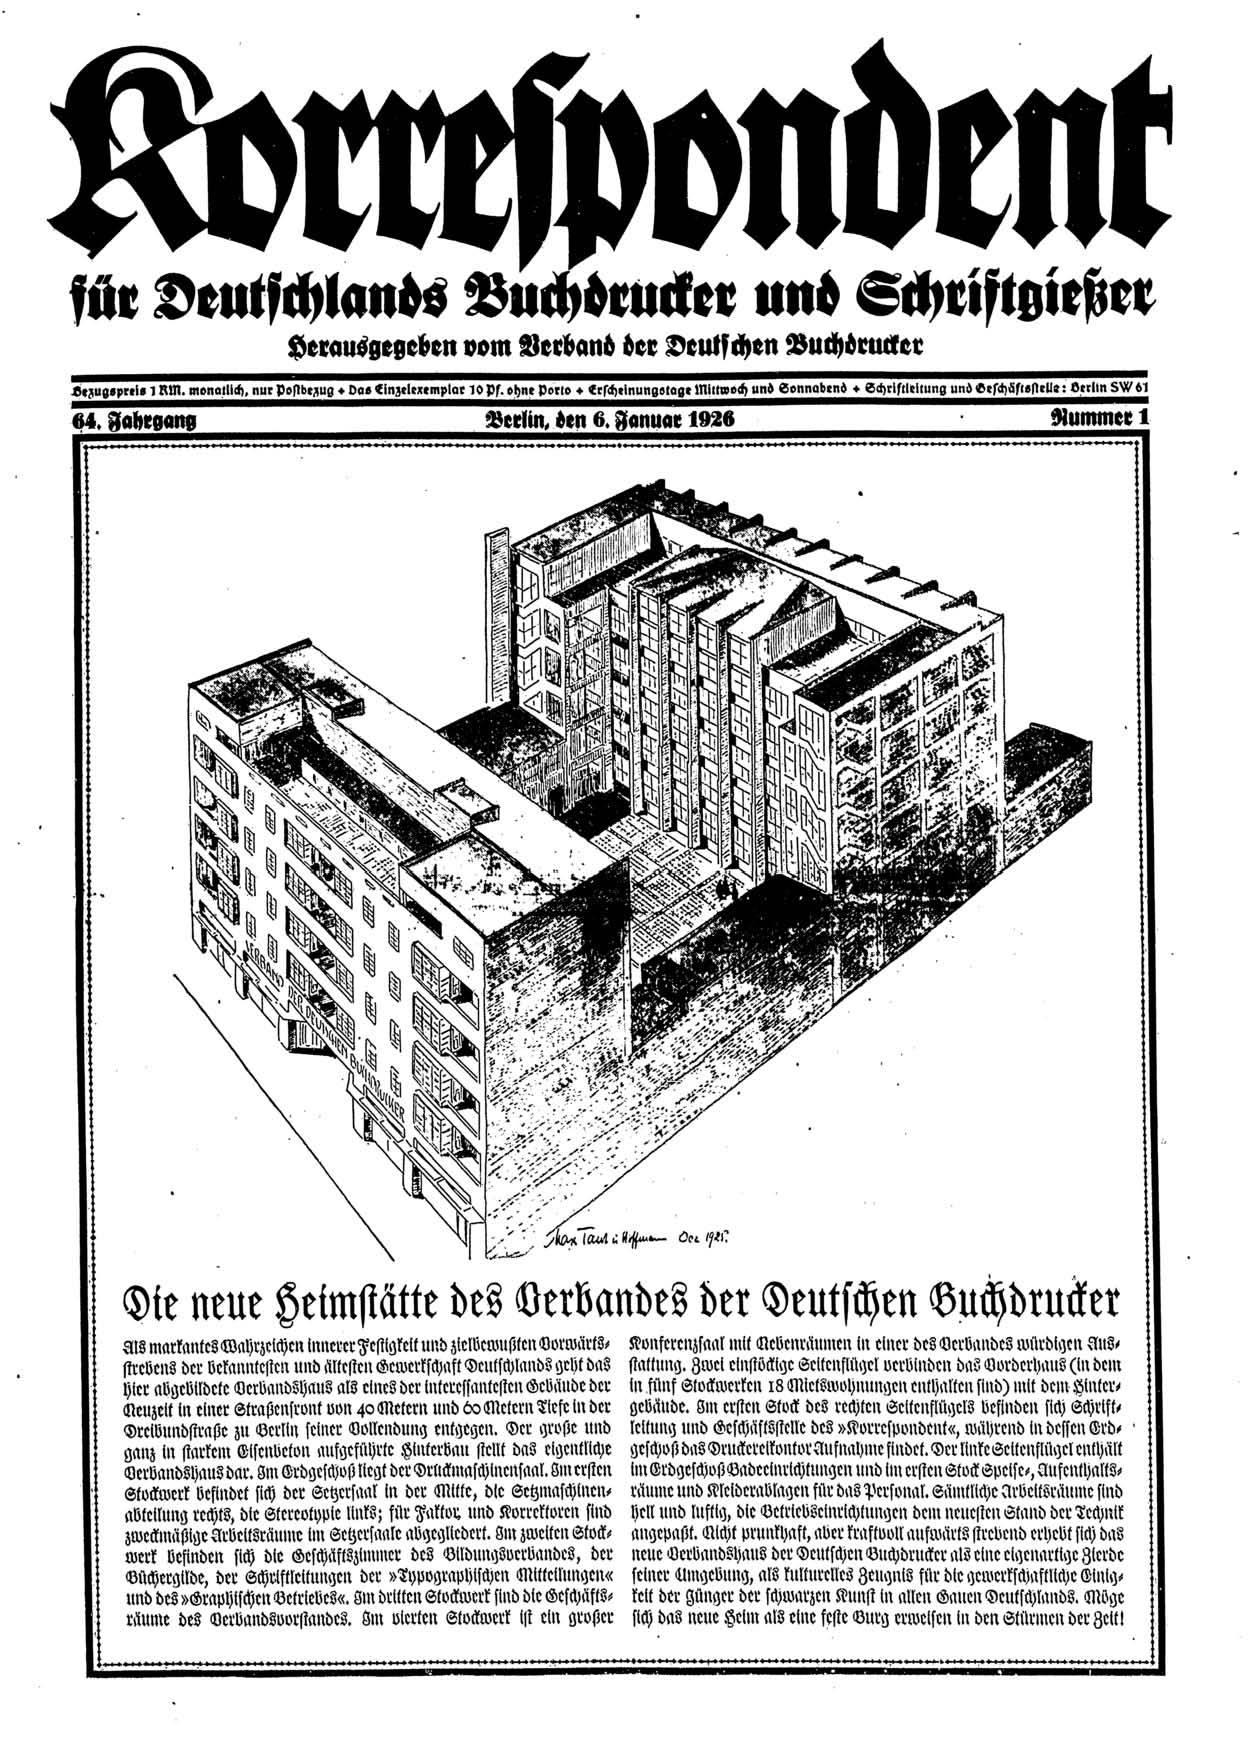 Titelseite vom Korrespondent vom 6. Januar 1926 zum neuen Buchdruckerhaus in Berlin